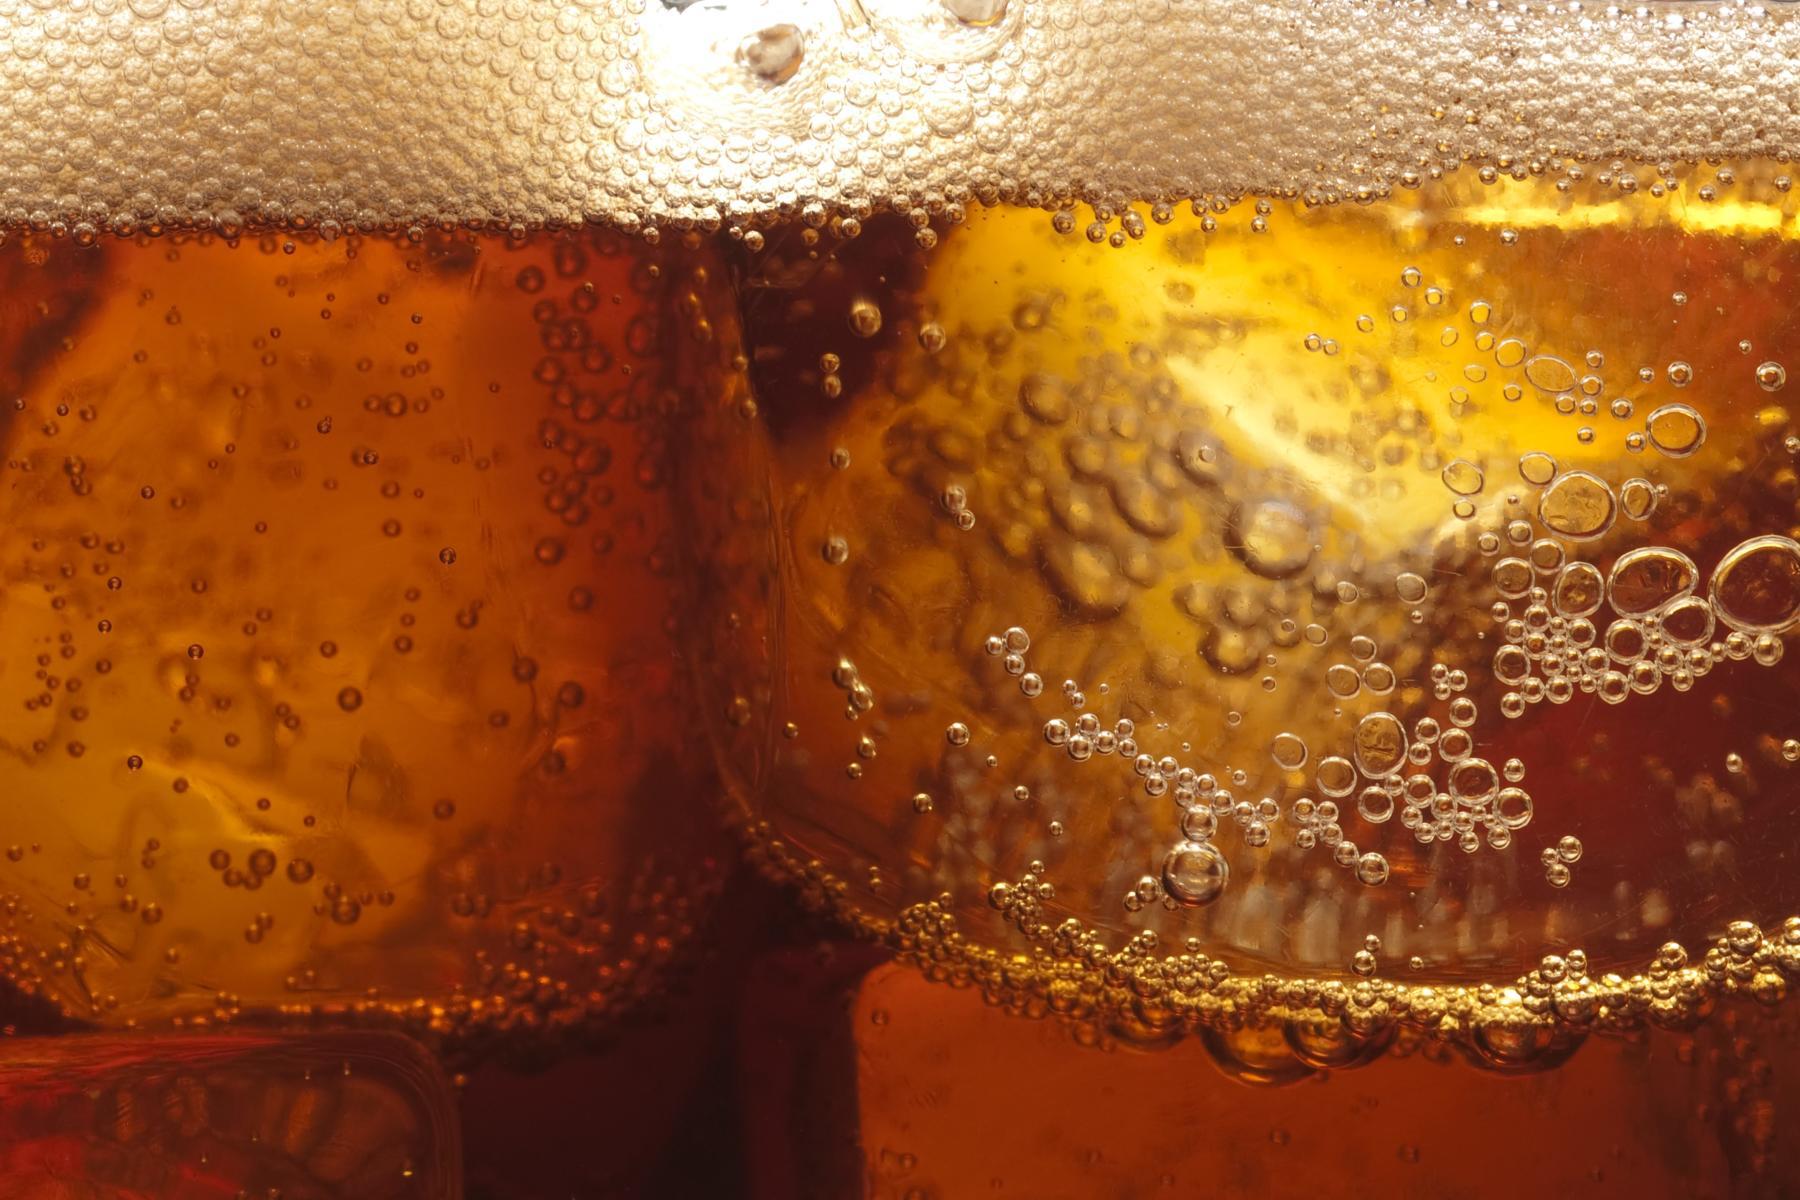 مقال – دراسة صادمة عن علاقة المشروبات الغازية بالسرطان